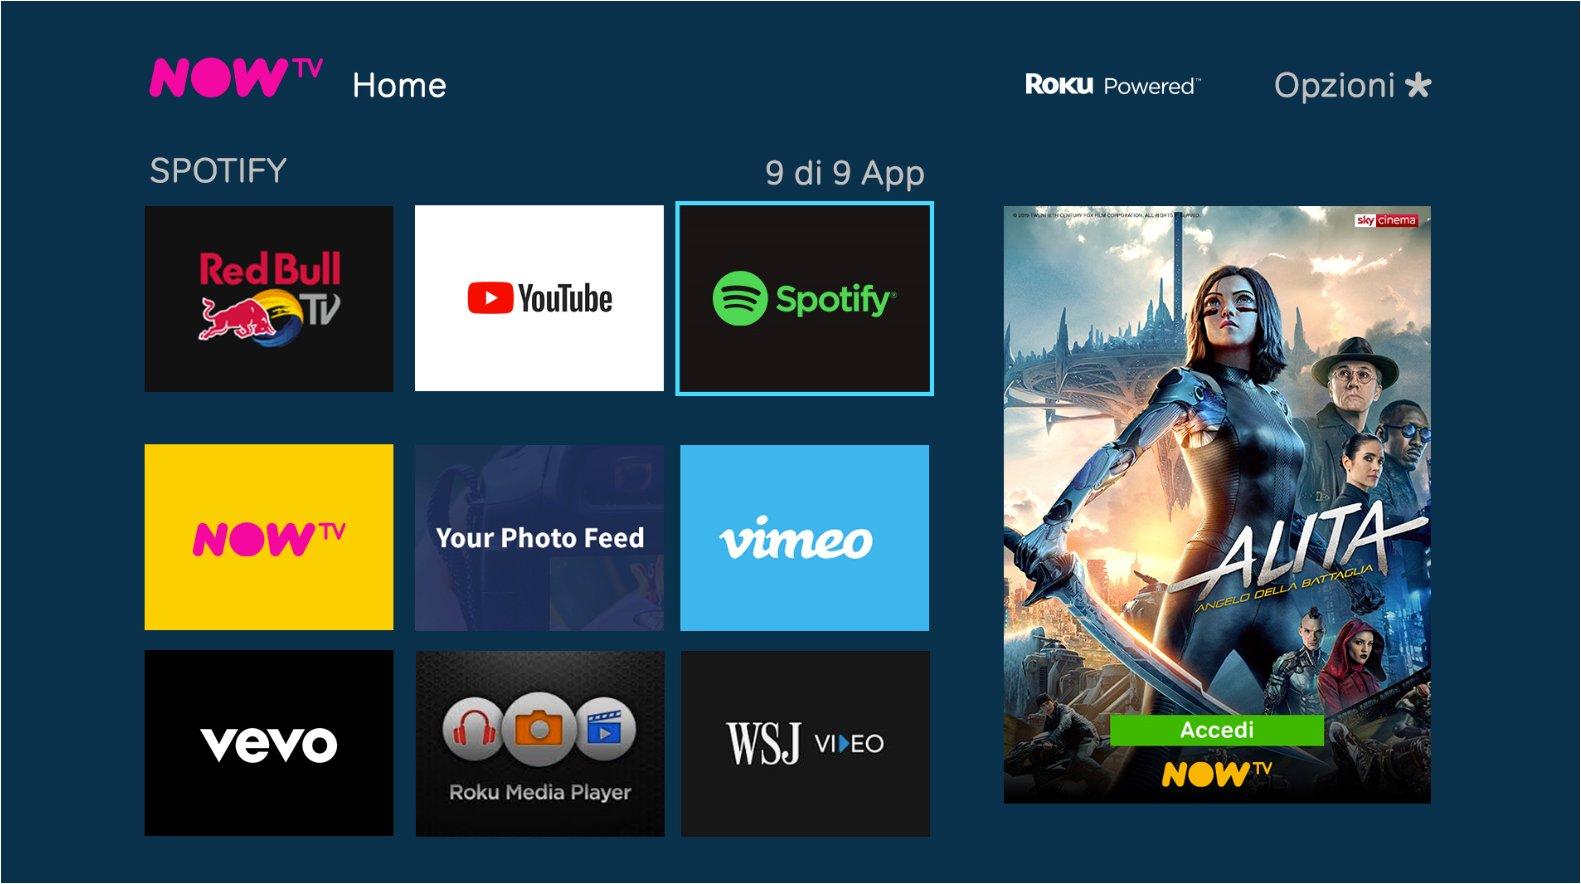 App Spotify 8.5.60 disponibile su NOW TV Smart Stick e TV Box